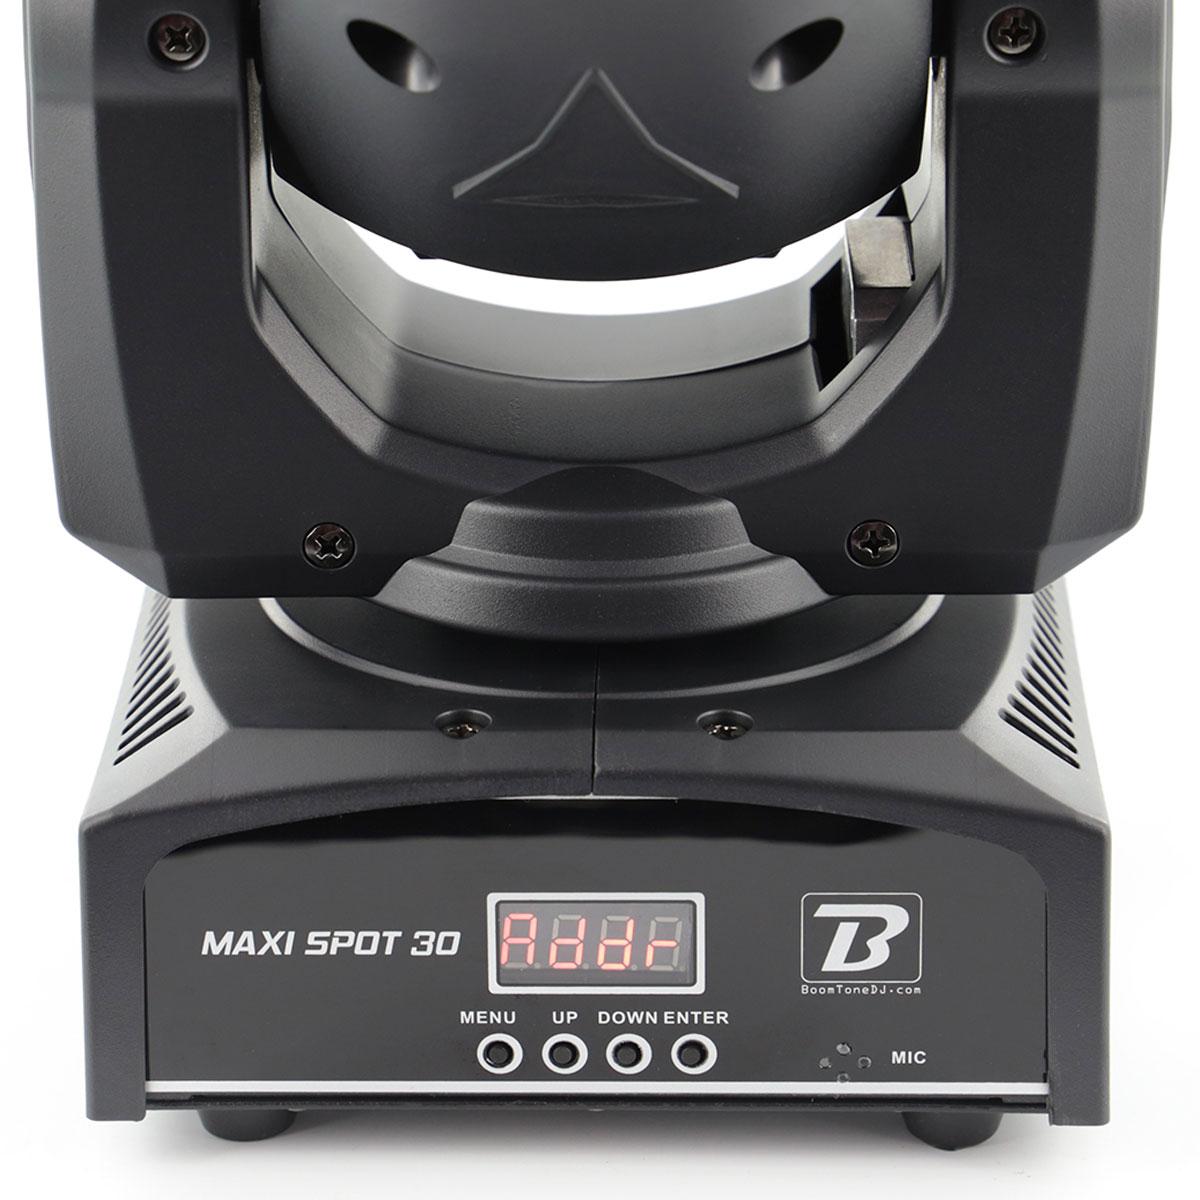 Maxi Spot 30